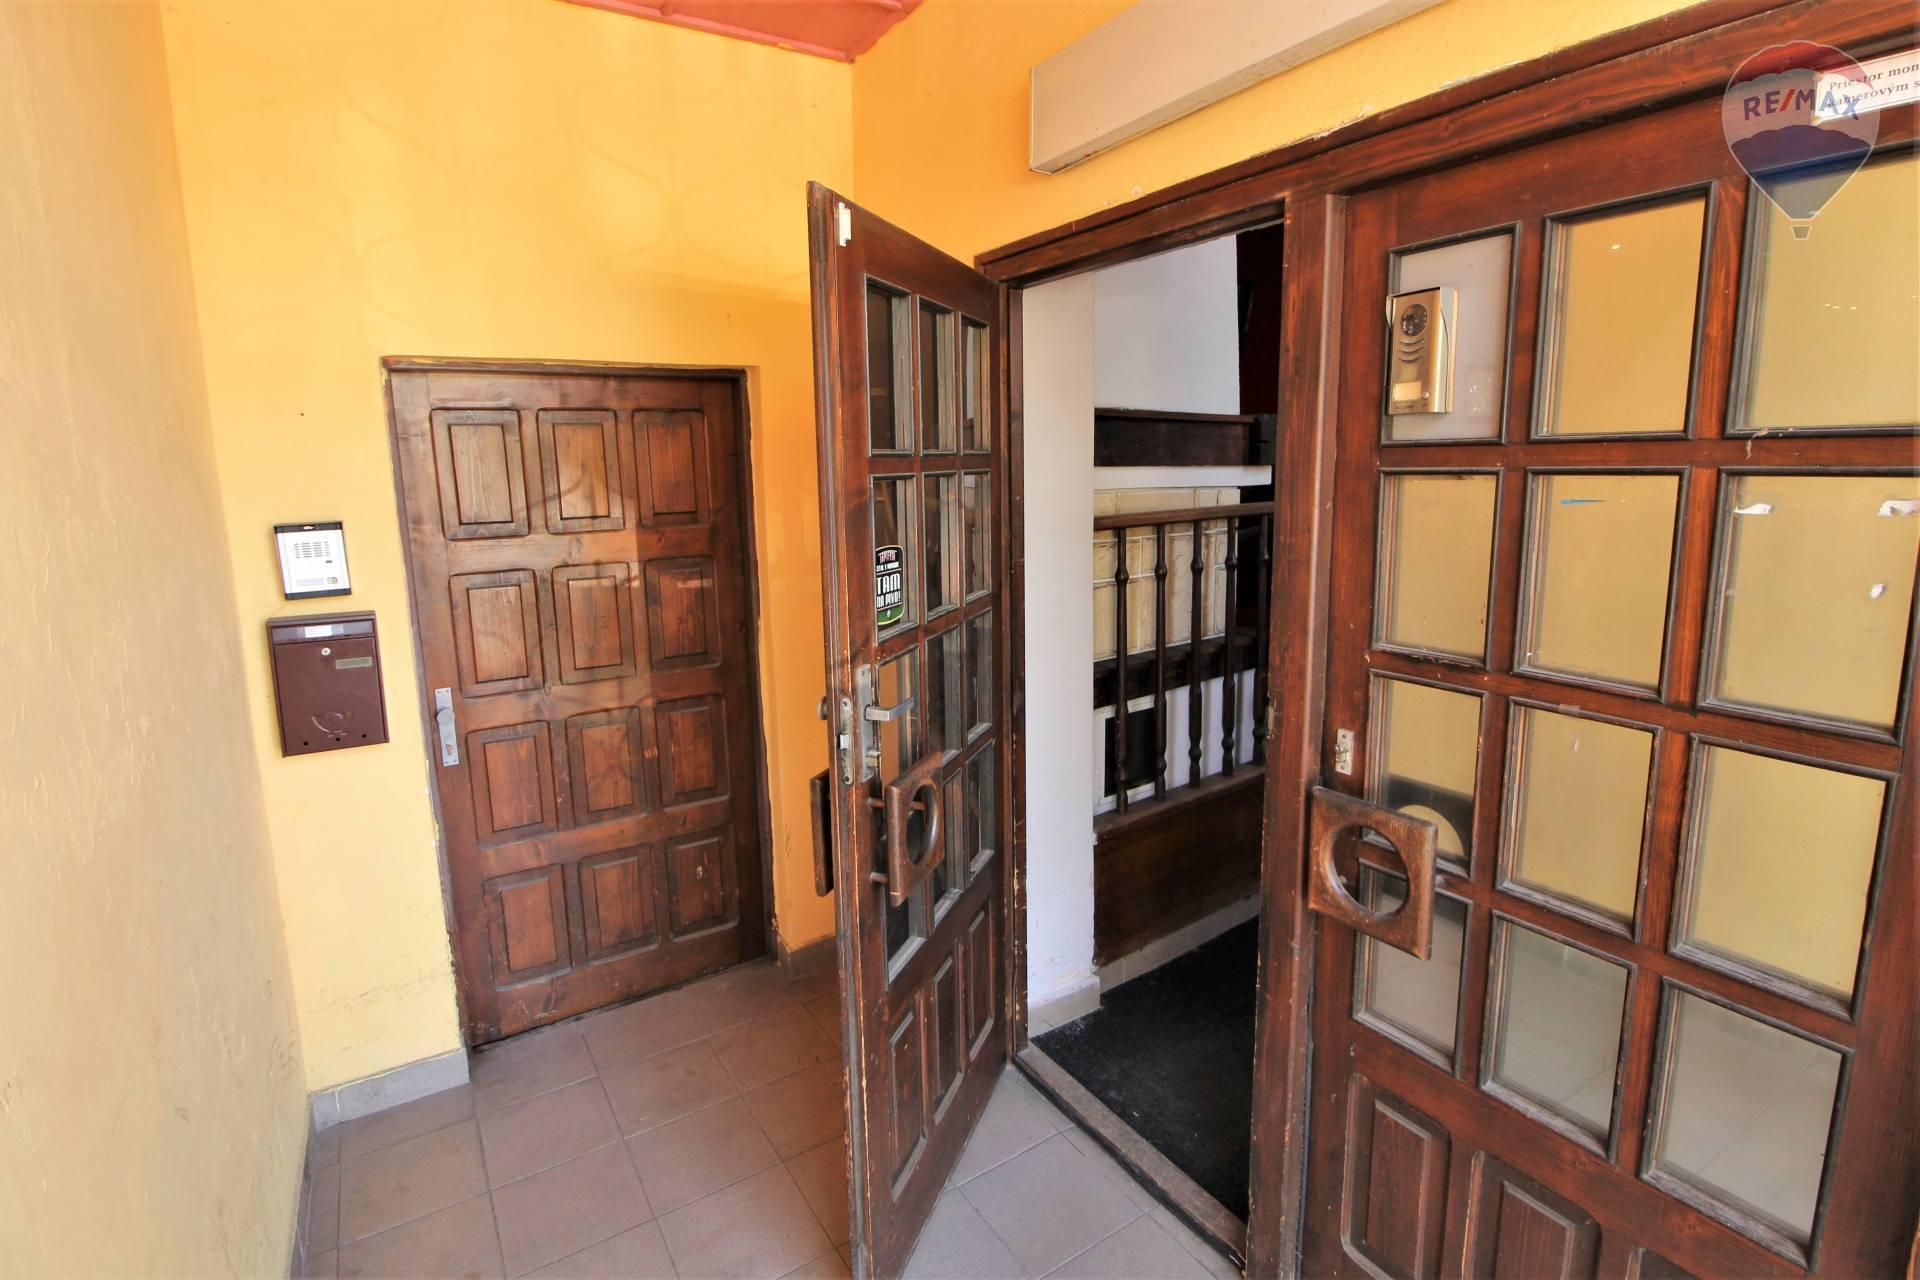 Predaj komerčného objektu 117 m2, Liptovský Mikuláš - Vstup do domu z ulice